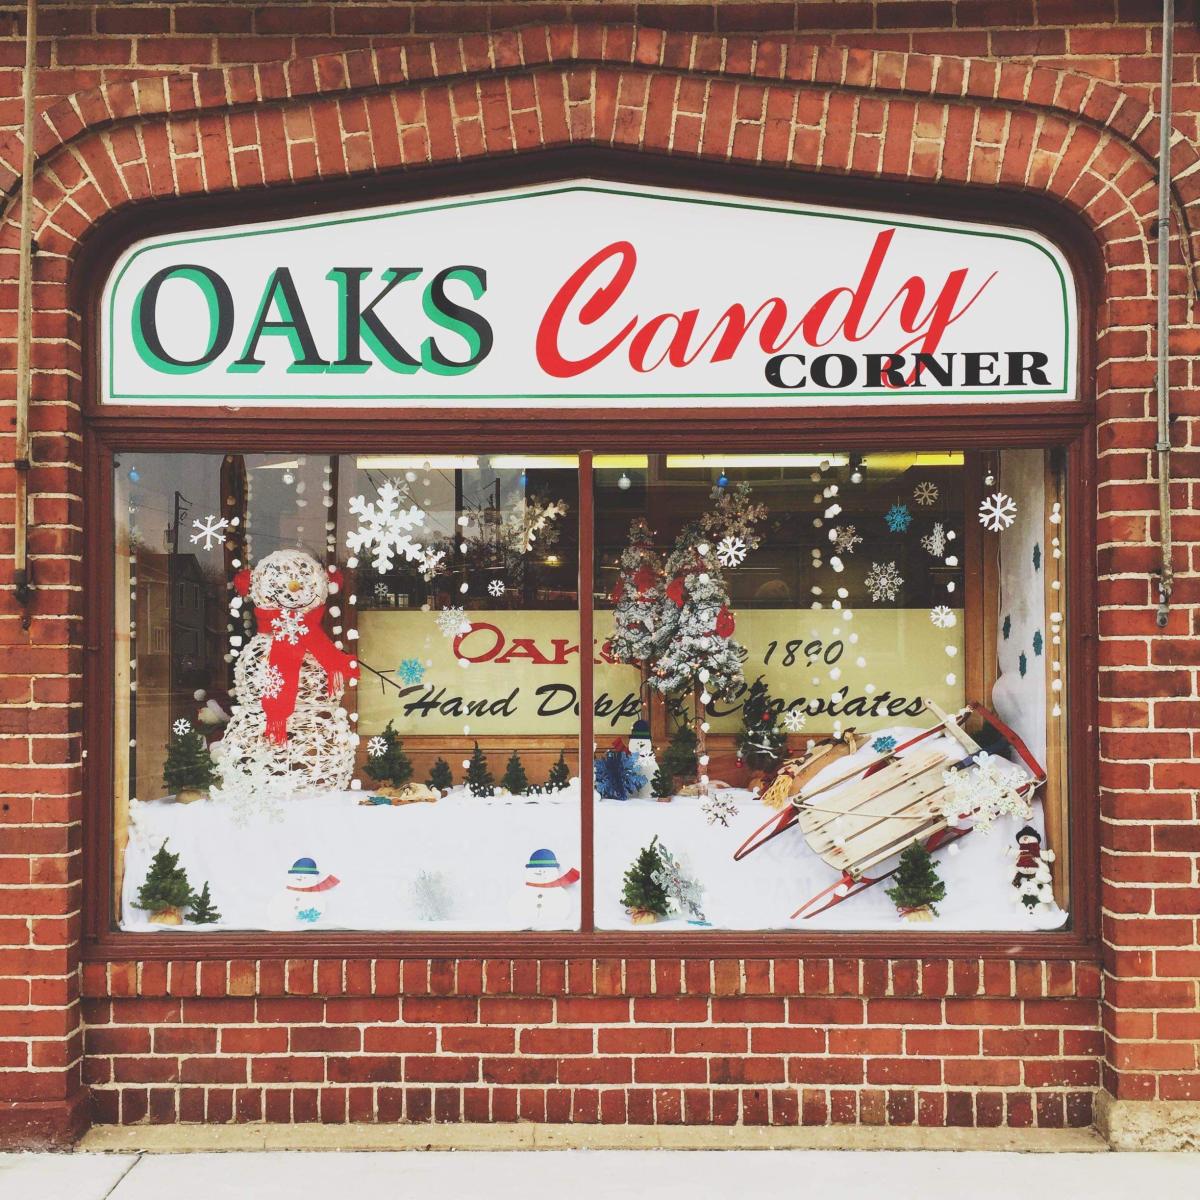 Oaks Candy